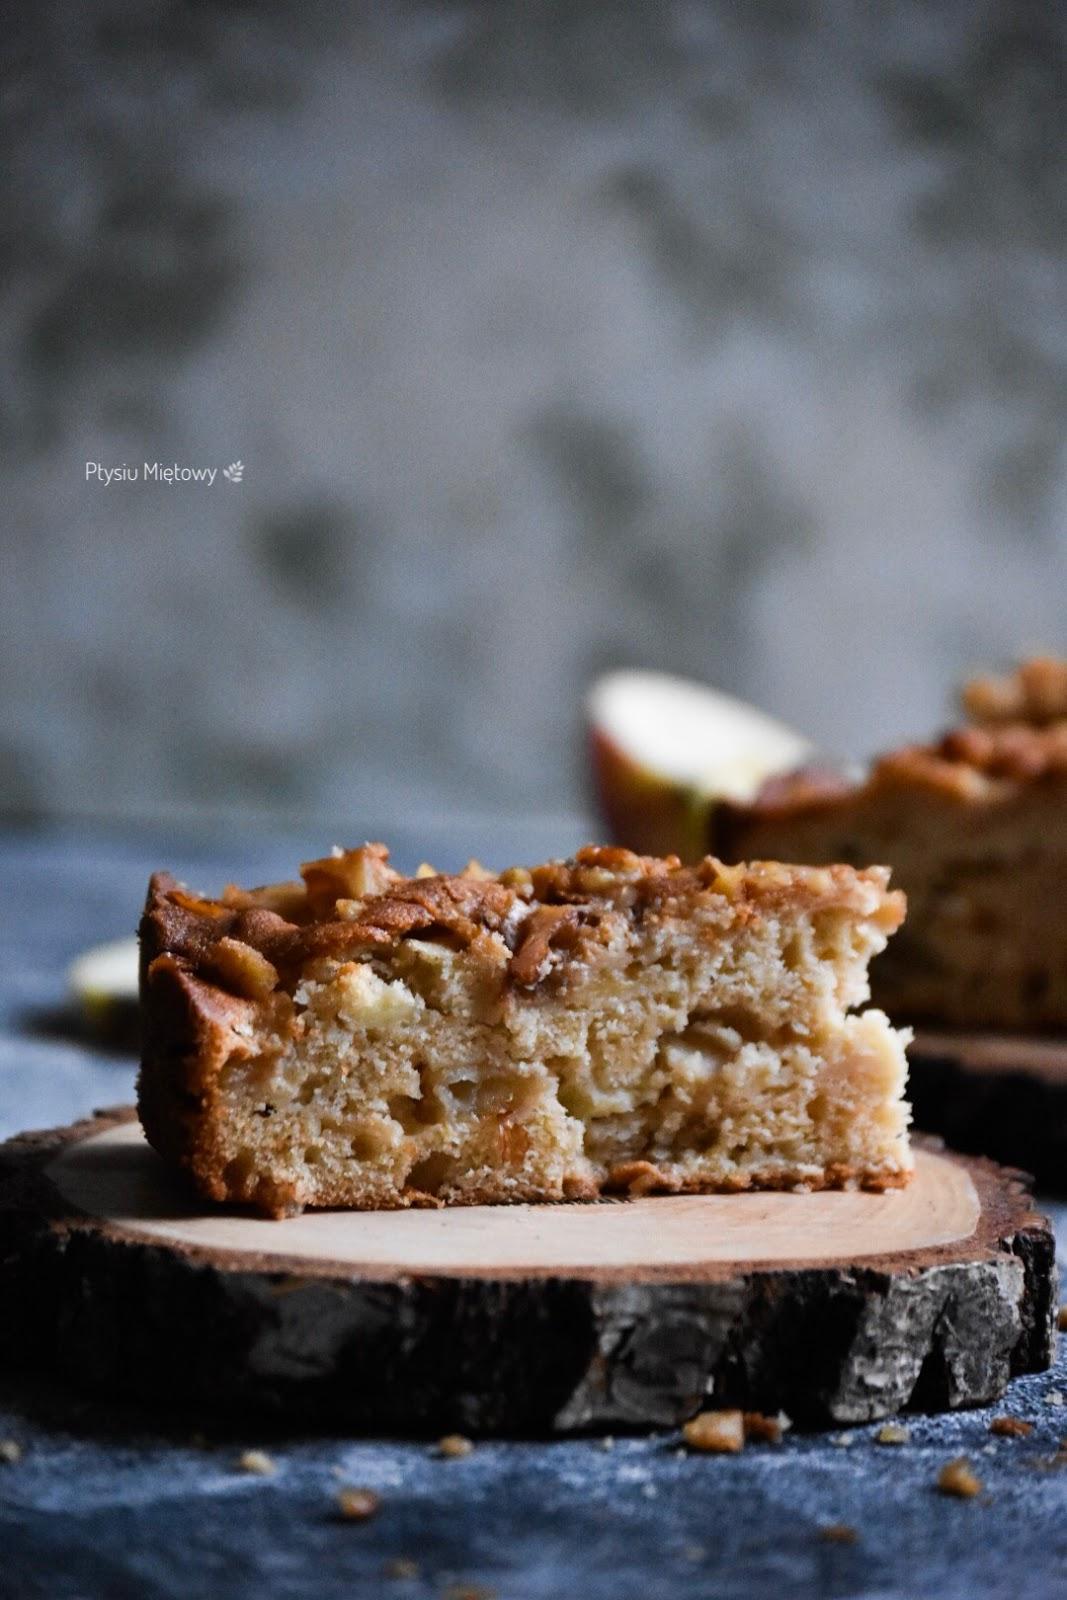 ciasto, jablecznik, ptysiu mietowy